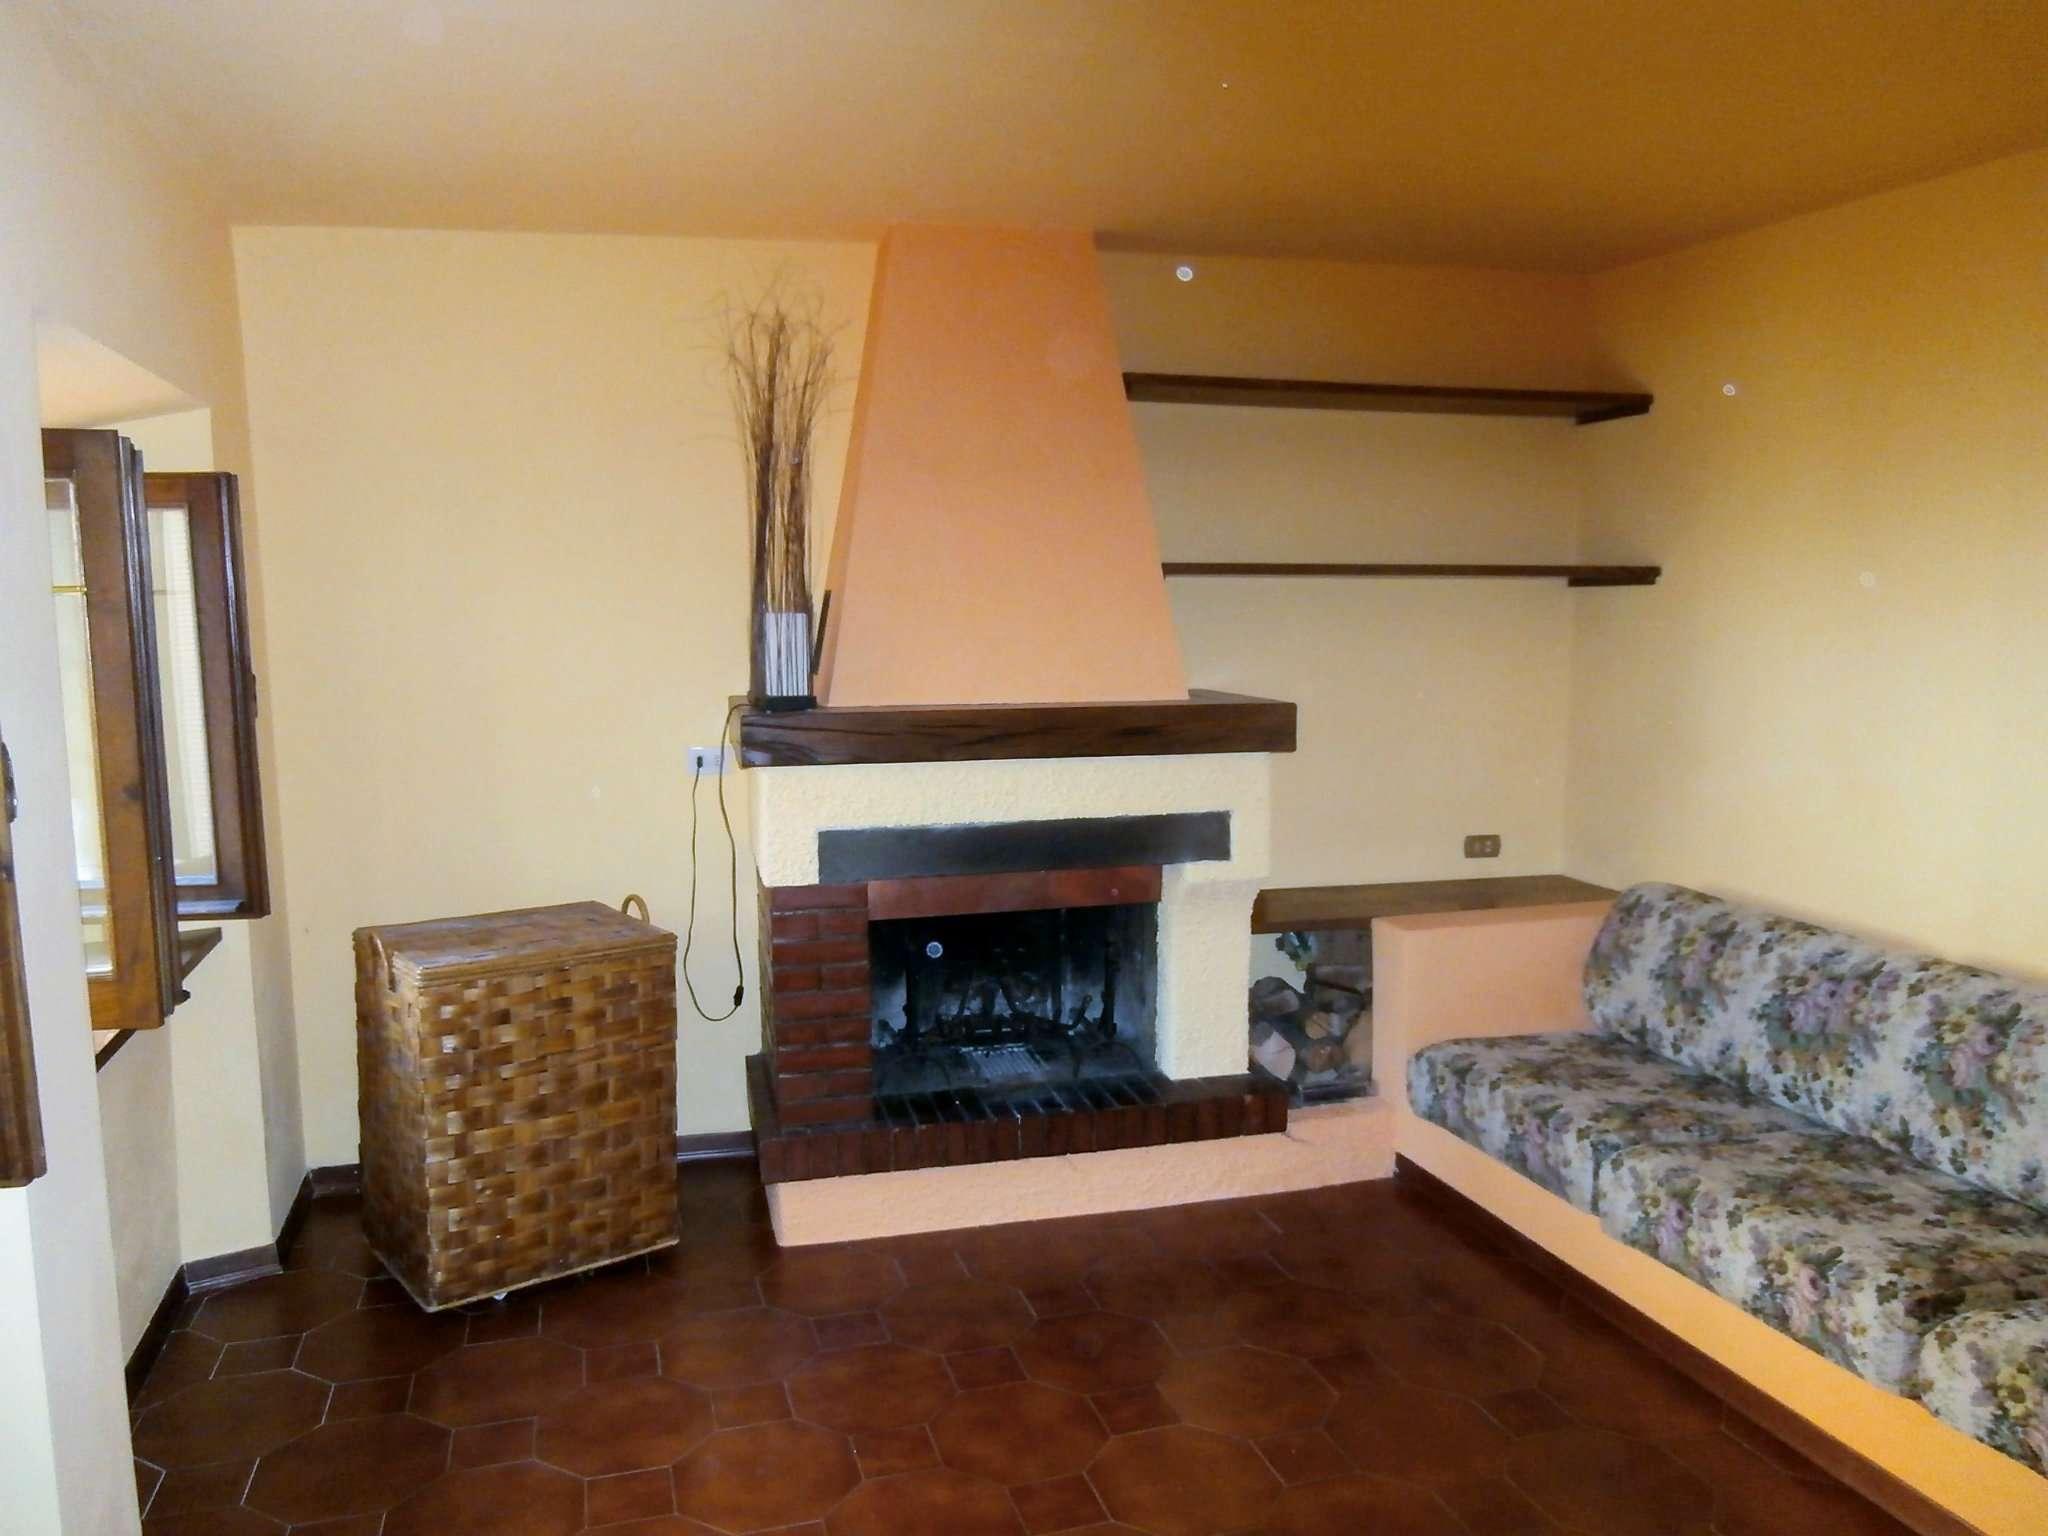 Palazzo / Stabile in vendita a Piteglio, 5 locali, prezzo € 80.000 | CambioCasa.it